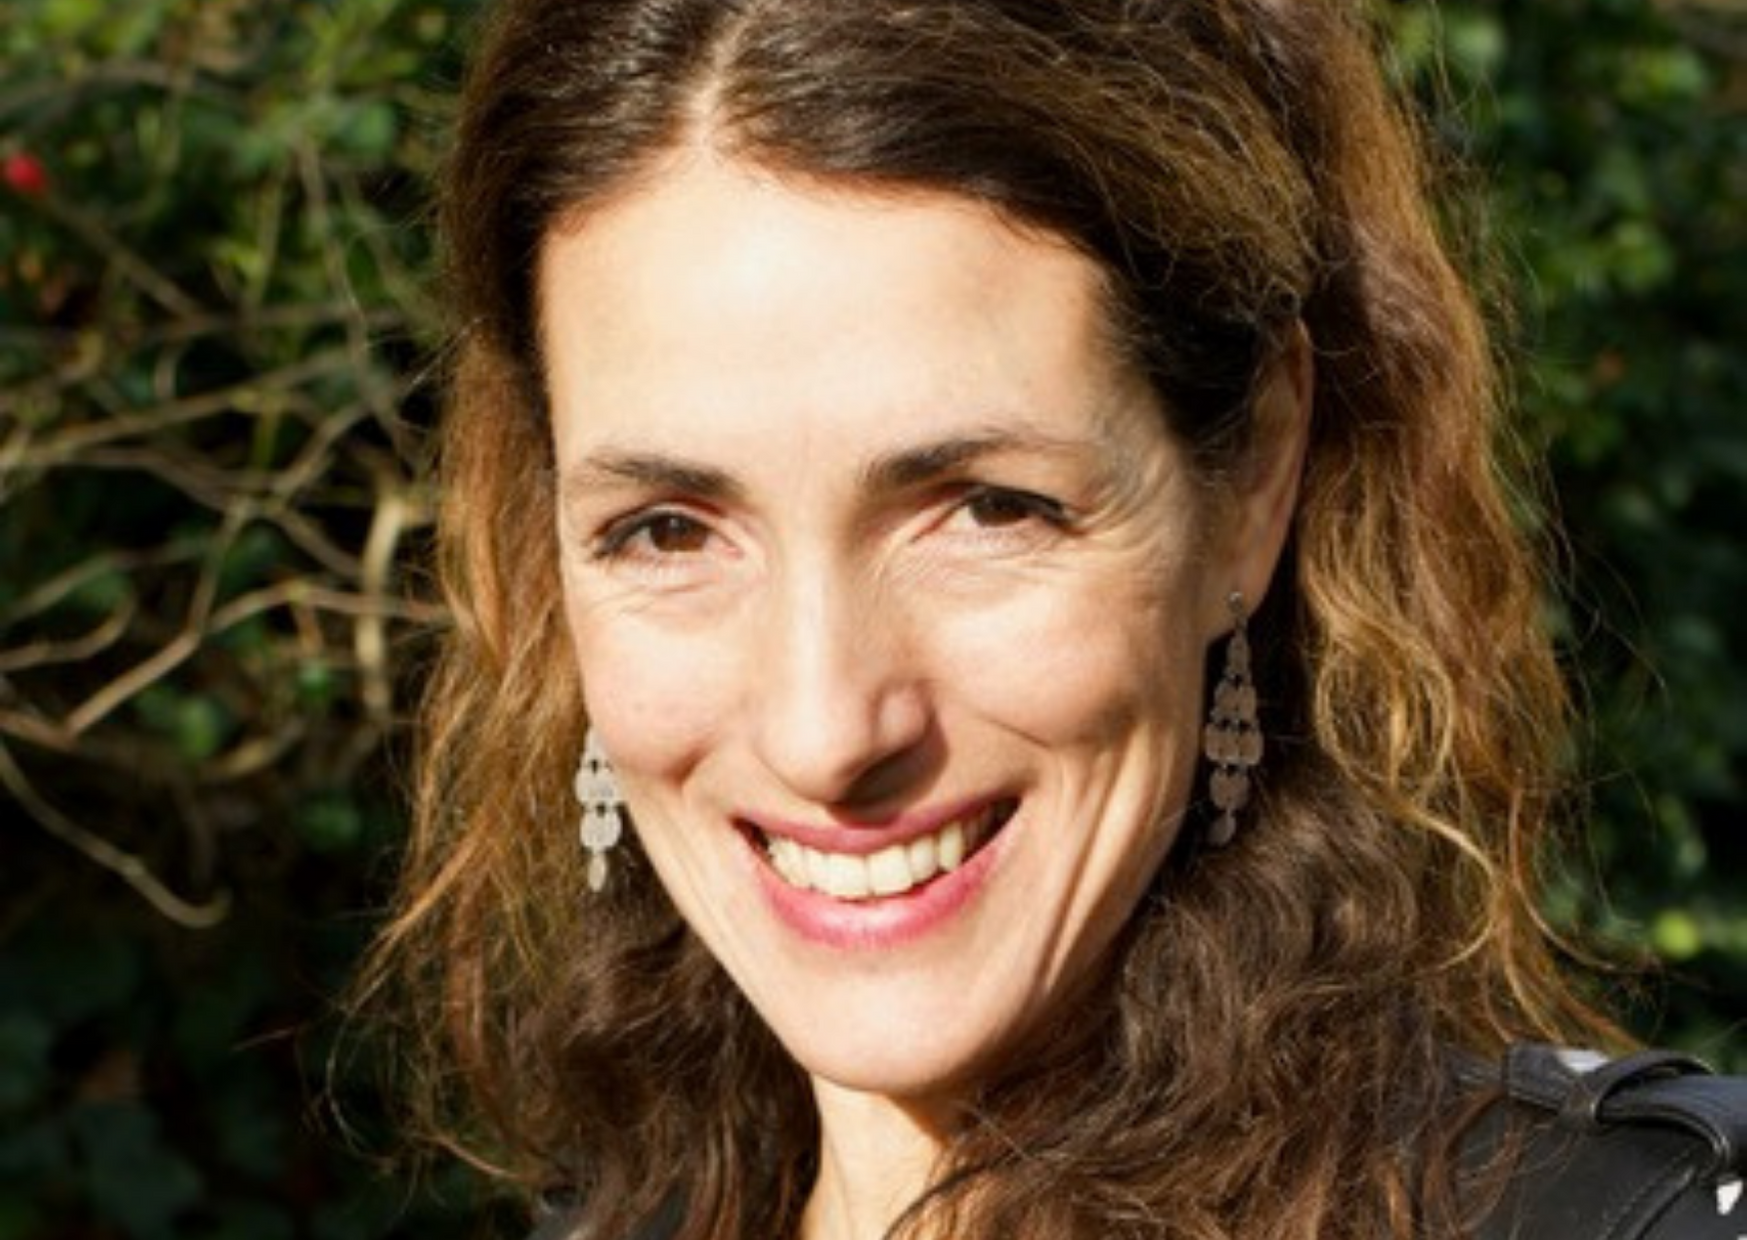 Vivian van de Hoef